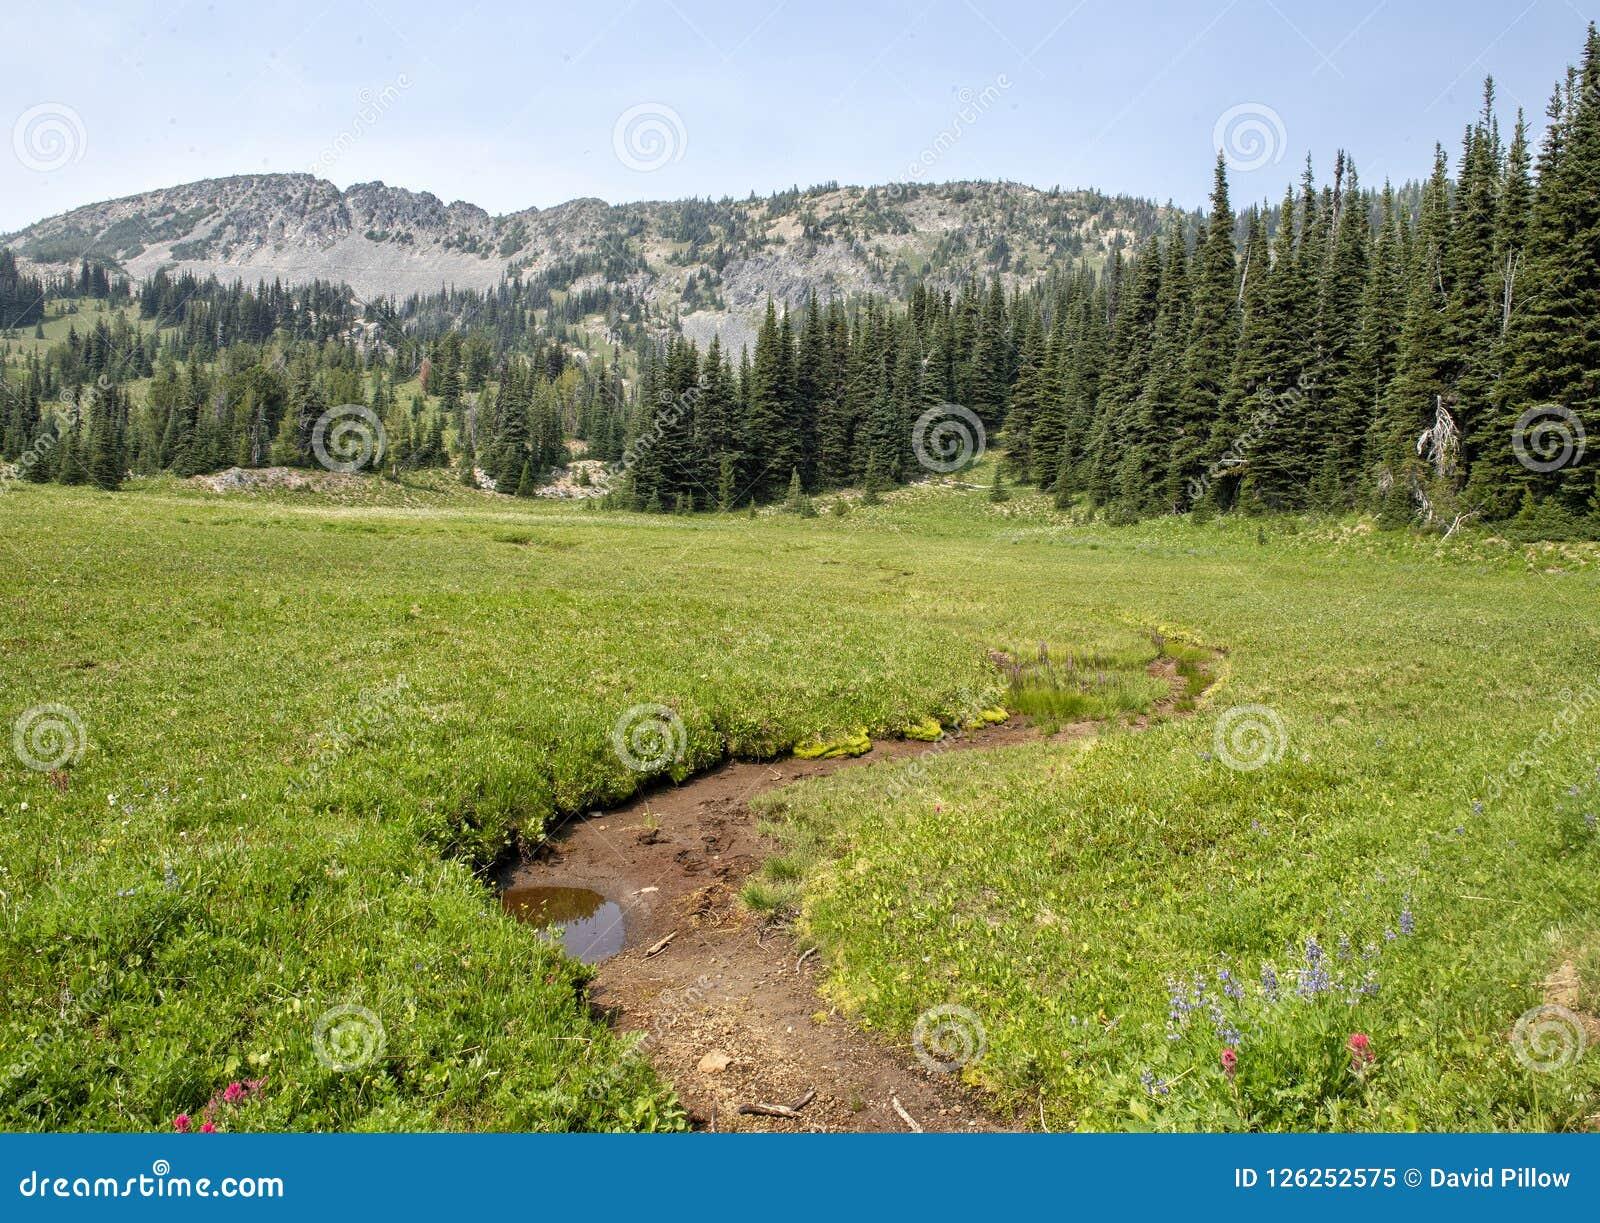 Opisana jest łąka w góra Dżdżystym parku narodowym, Waszyngton